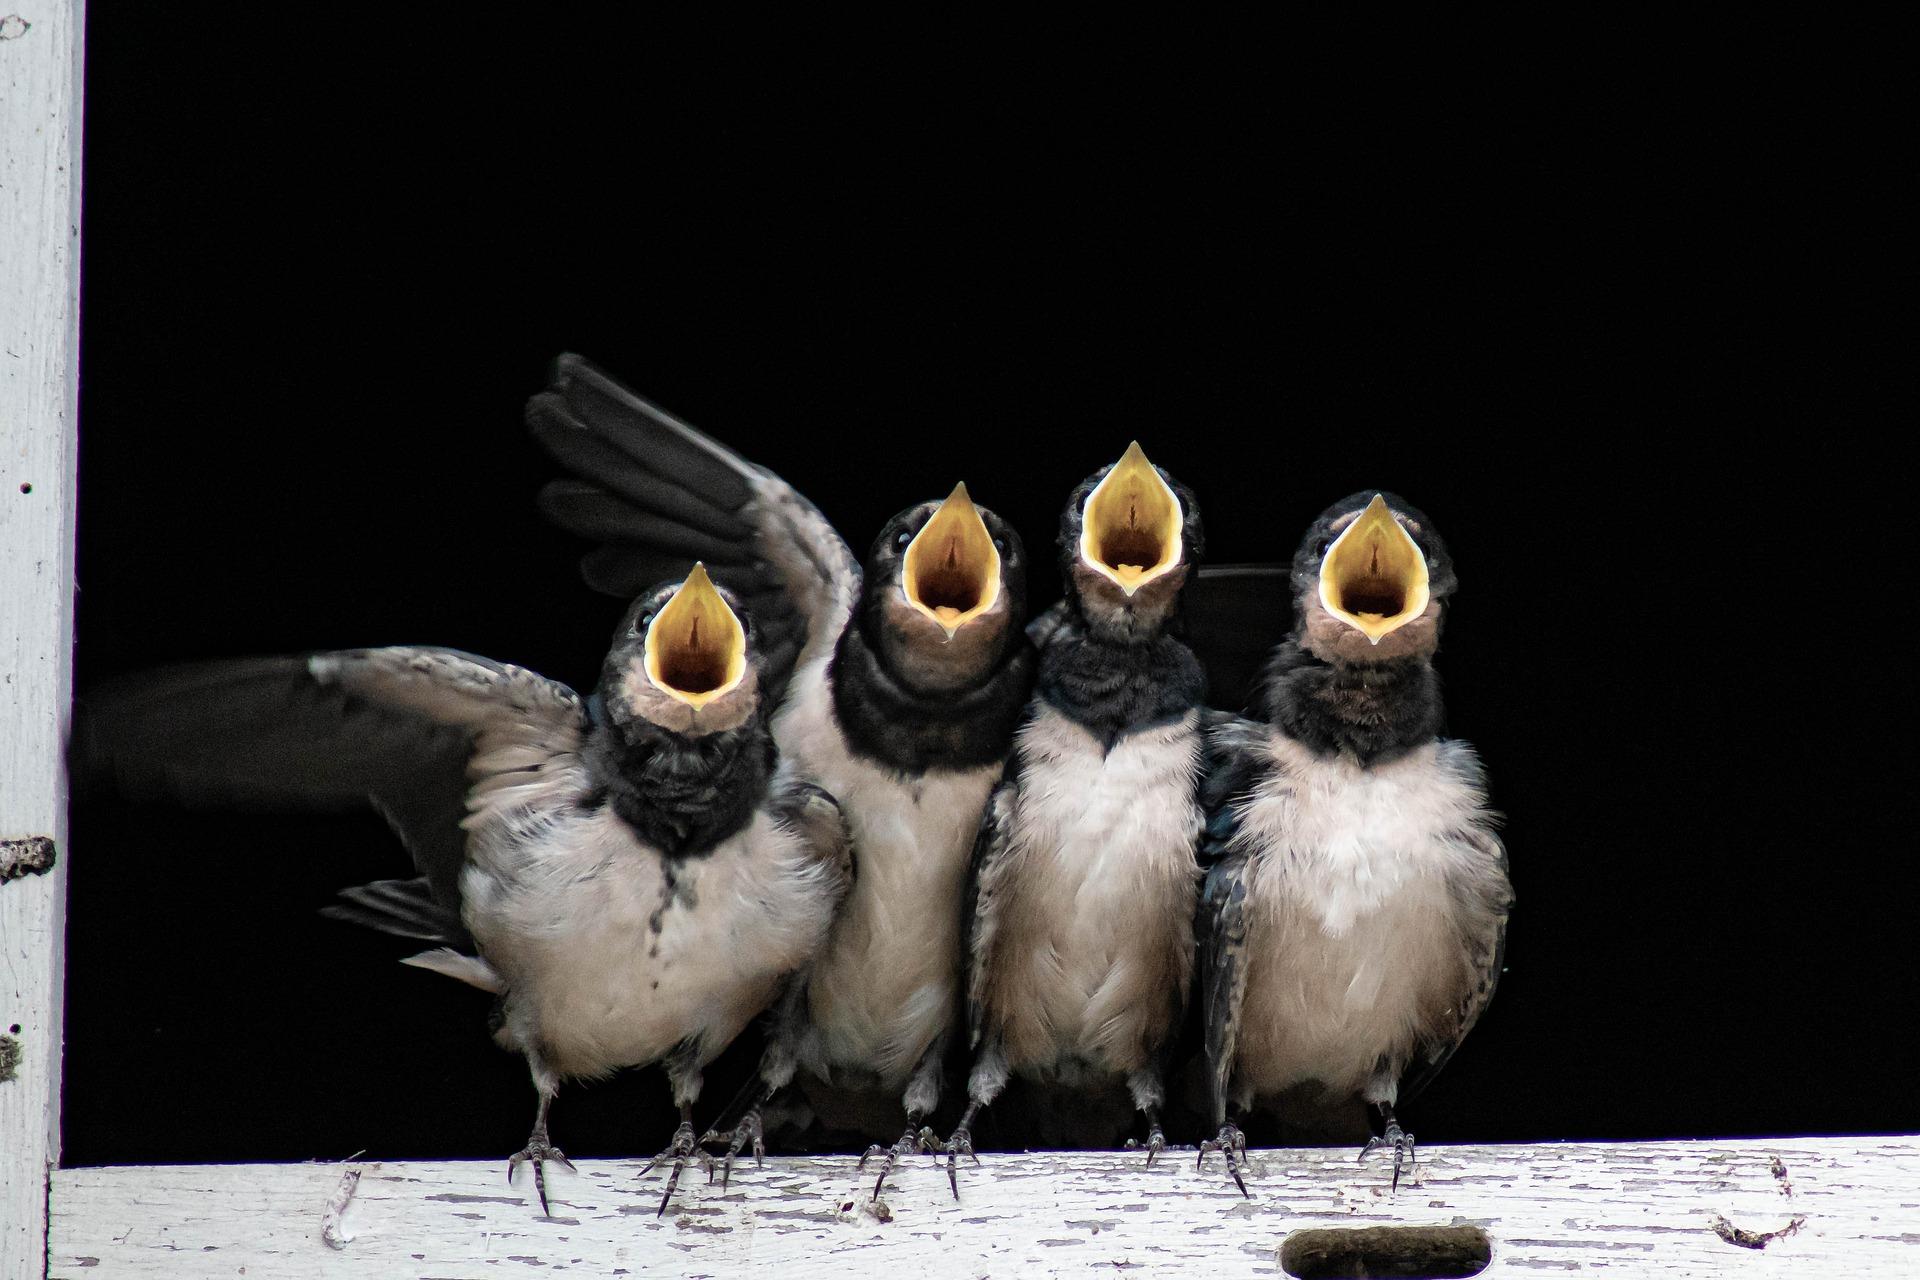 Kas on linnukesel muret?